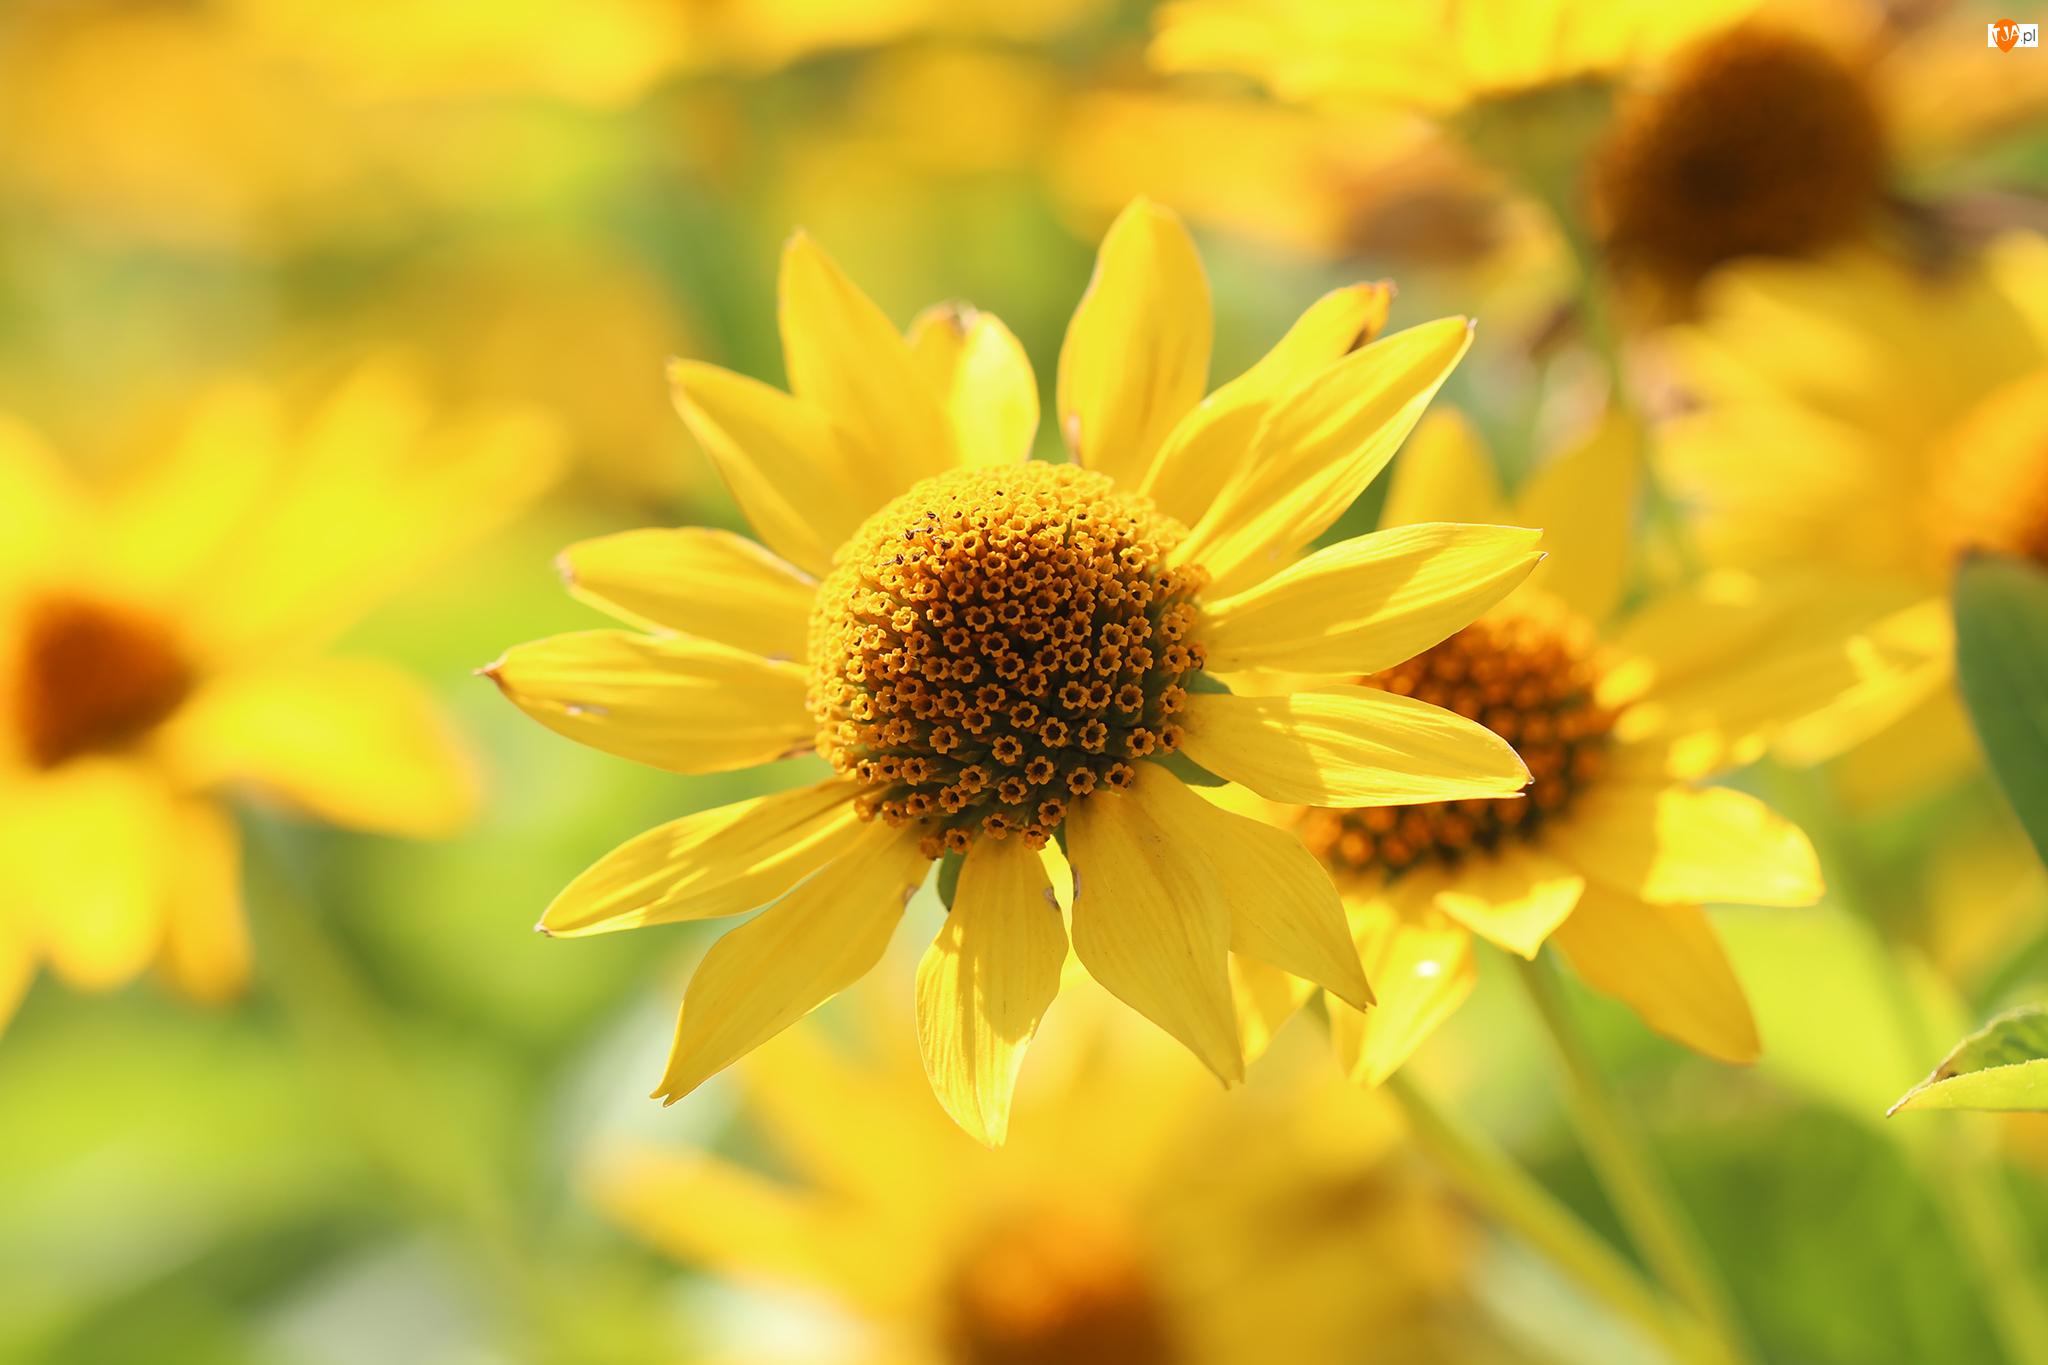 Kwiat, Słoneczniczek, Żółty